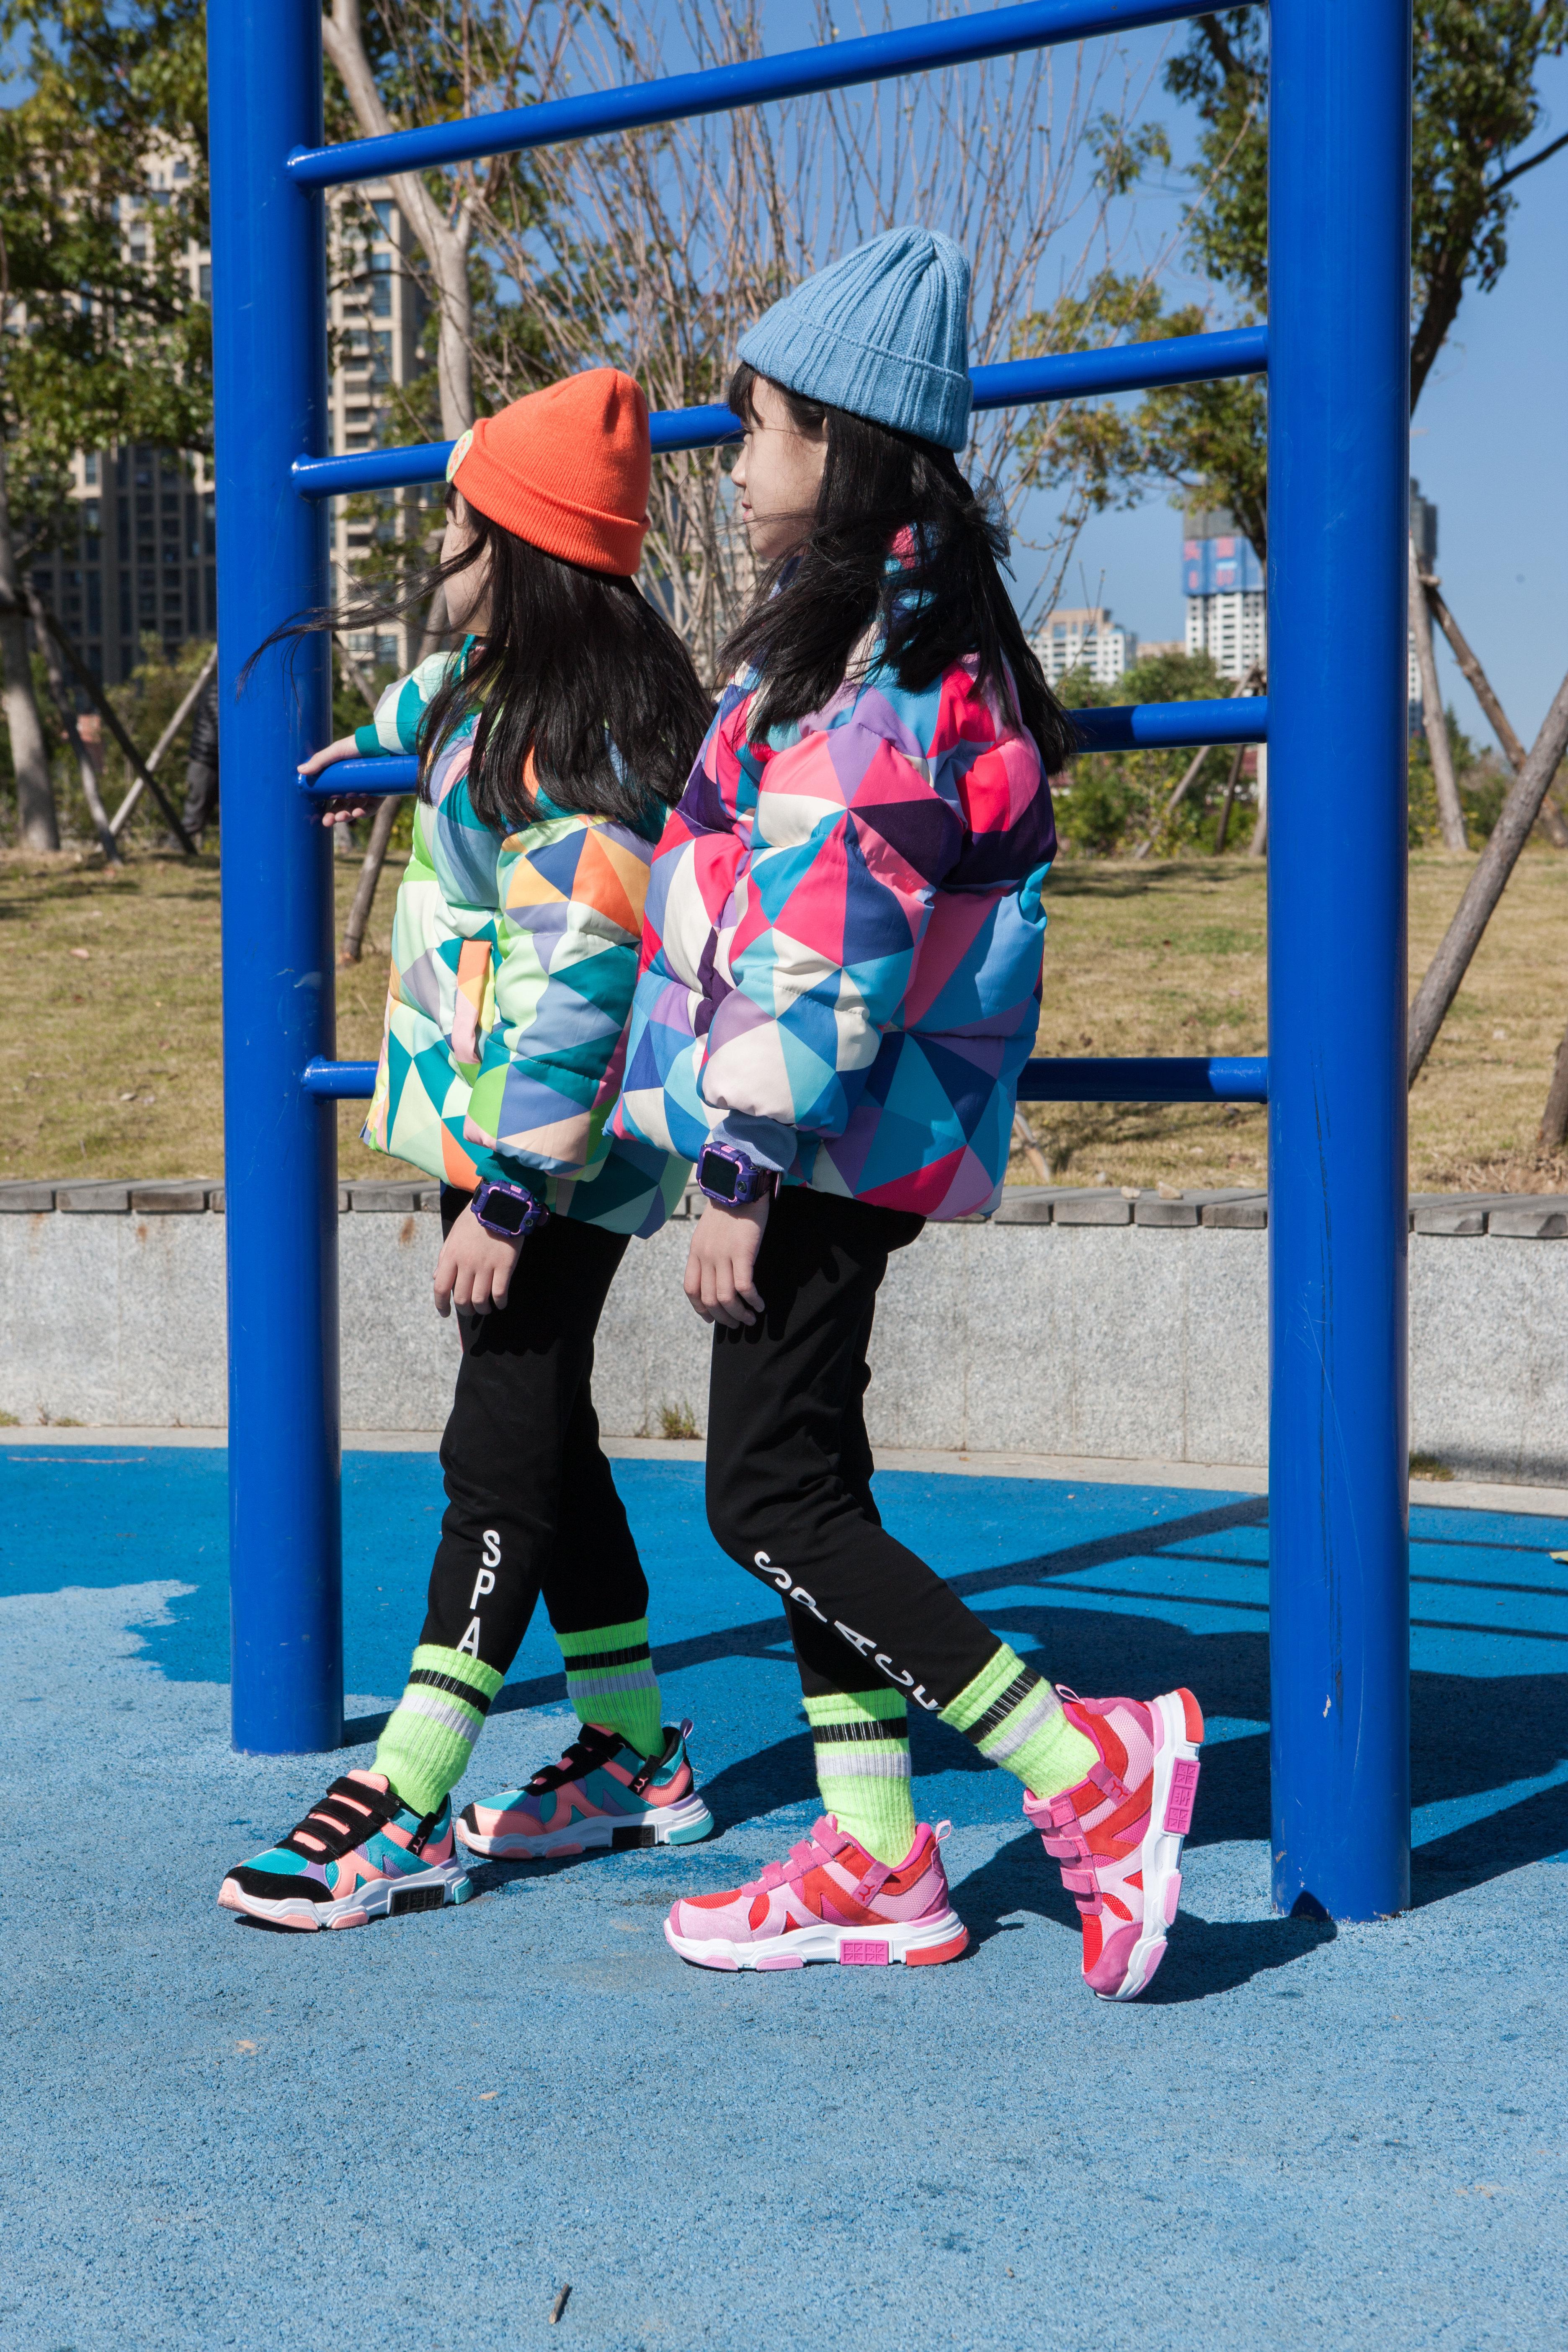 班队长BANDZ:如何才能给孩子挑选一双健康儿童鞋?